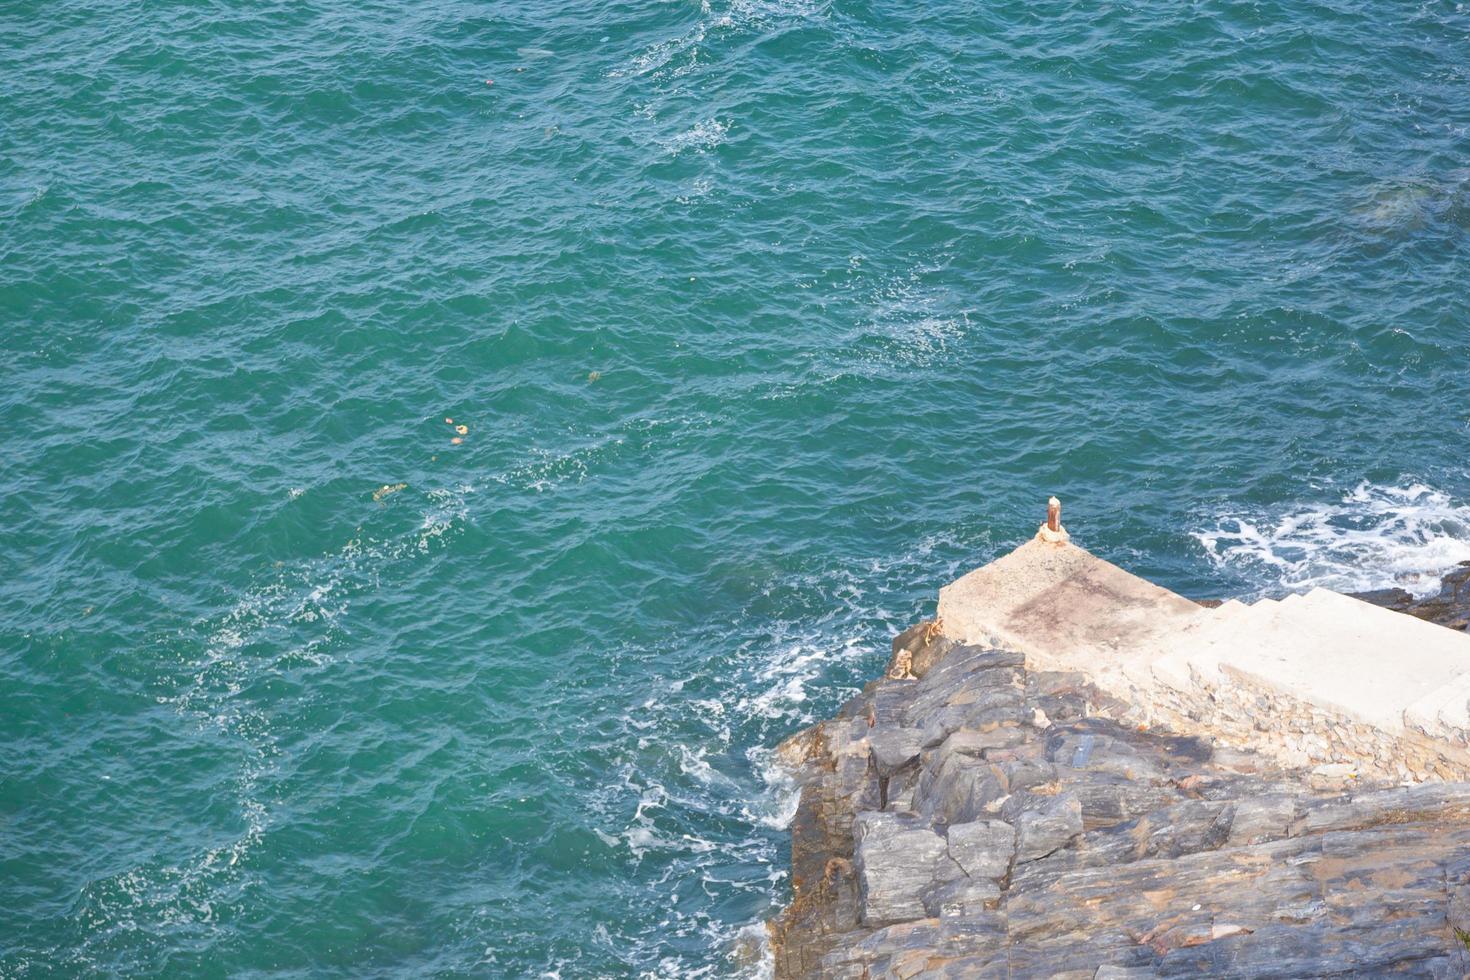 rocce al mare foto